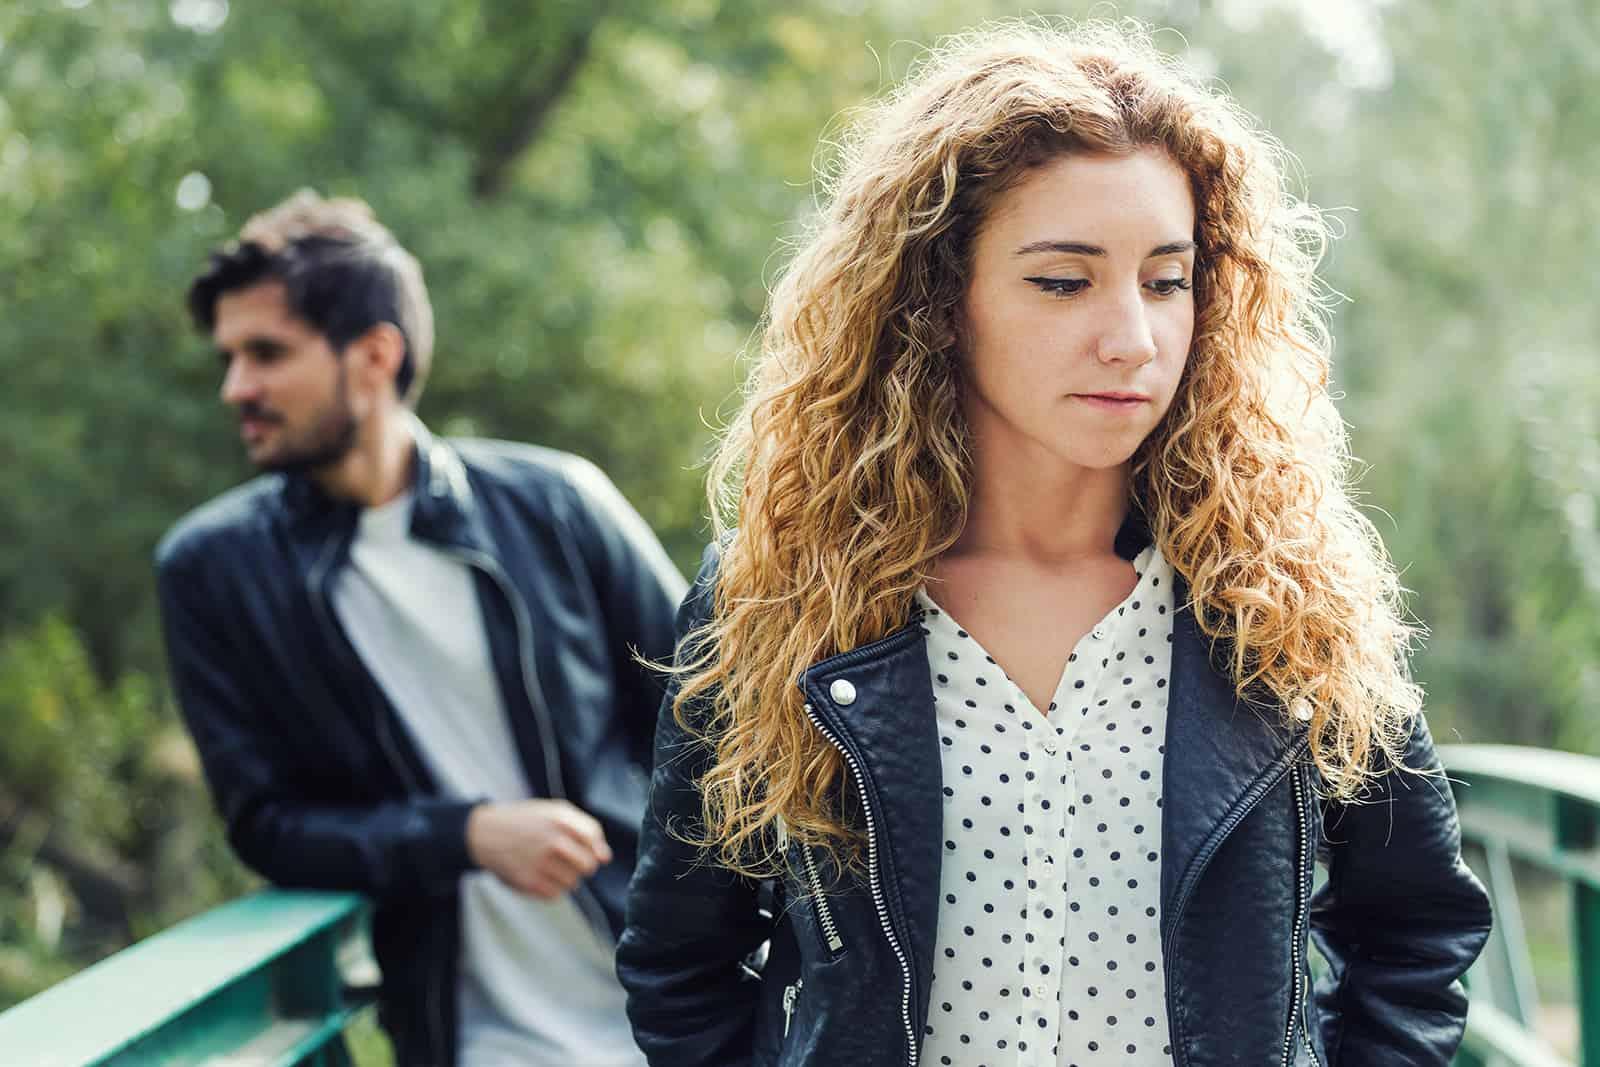 eine traurige Frau, die vor ihrem Freund geht